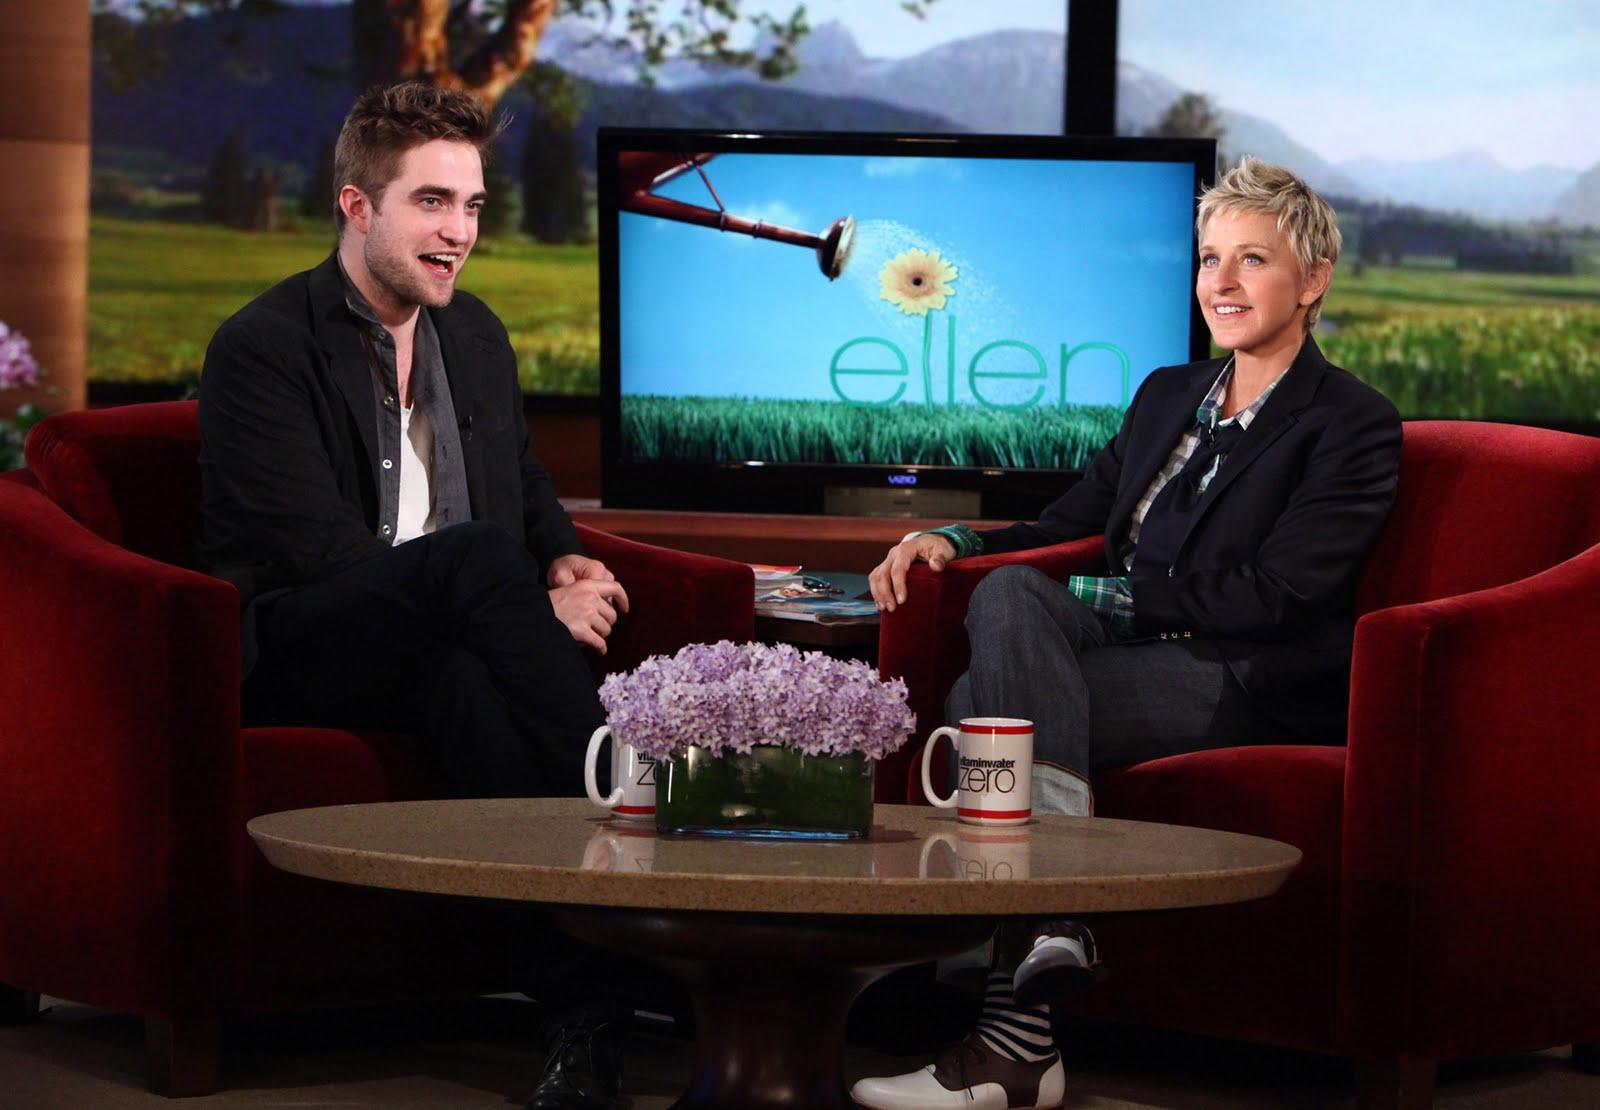 Ellen show gossip dance - Ellen show videos ...